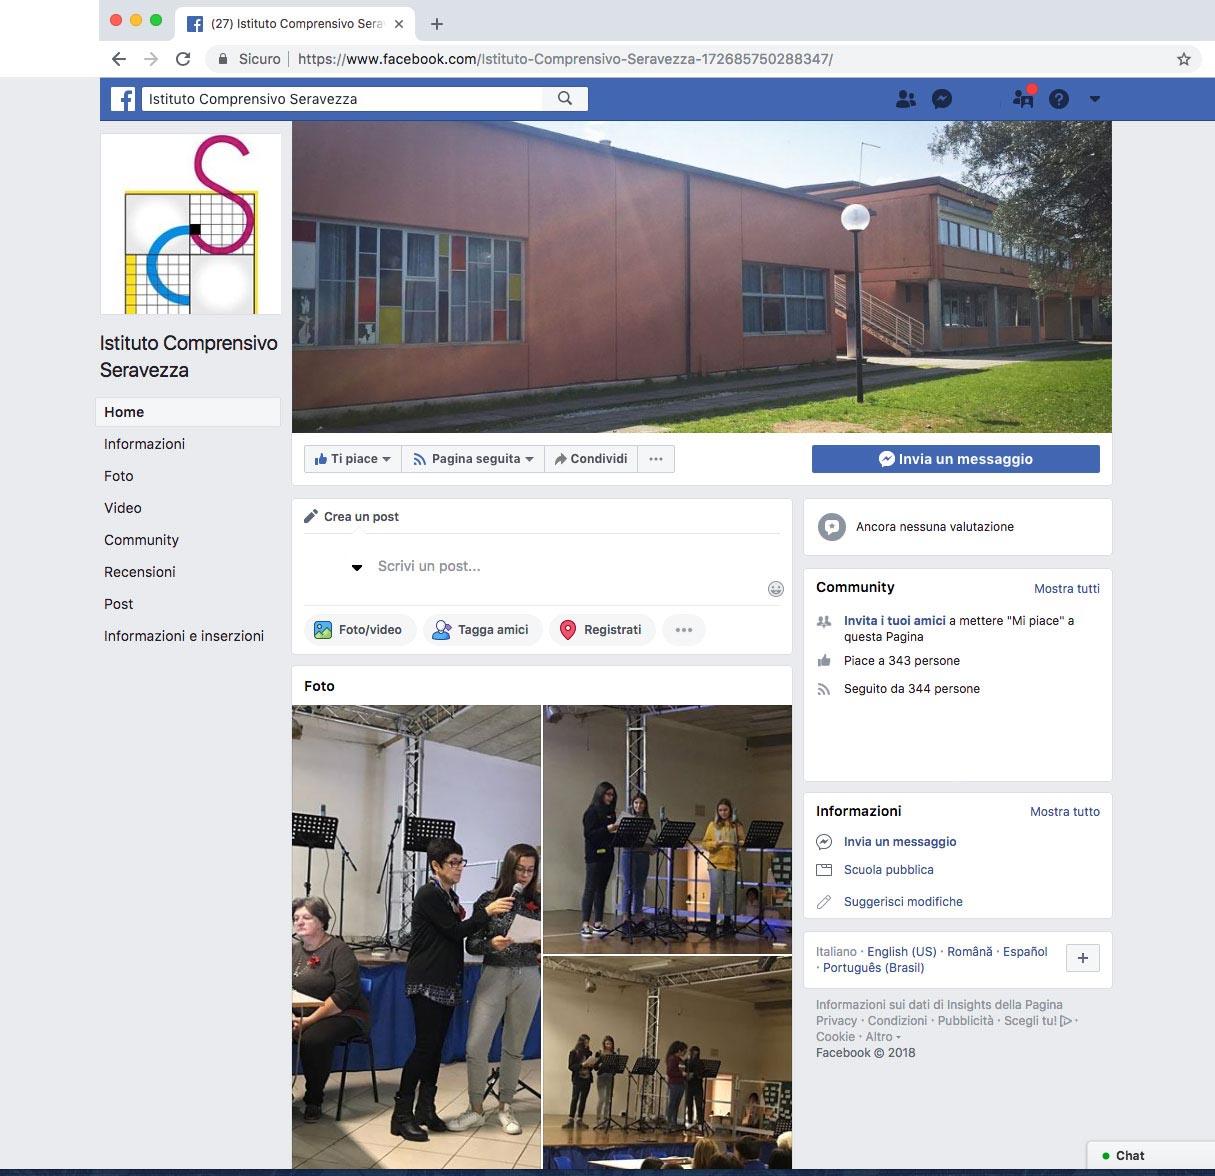 Attivata la pagina Facebook dell'Istituto Comprensivo di Seravezza